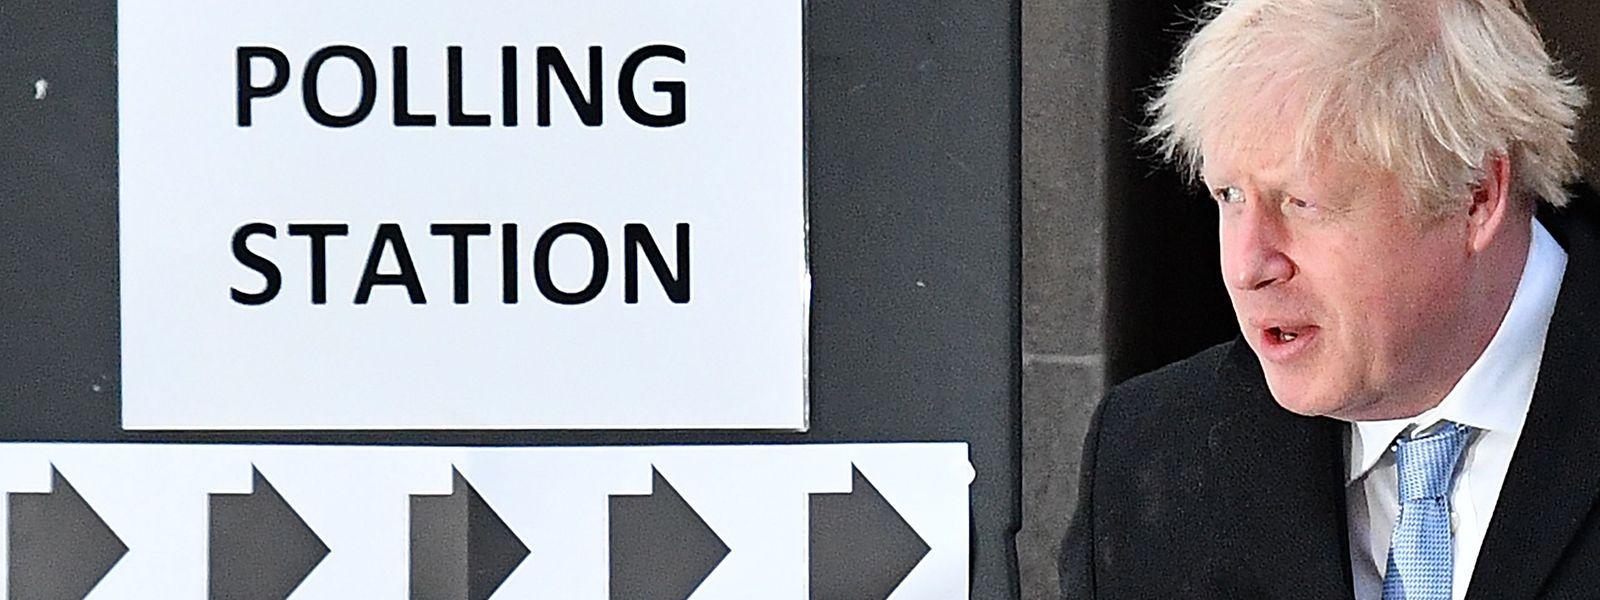 Les électeurs britanniques se prononcent ce jeudi sur les suites à donner au référendum du 23 juin 2016 qui avait déclenché le Brexit.